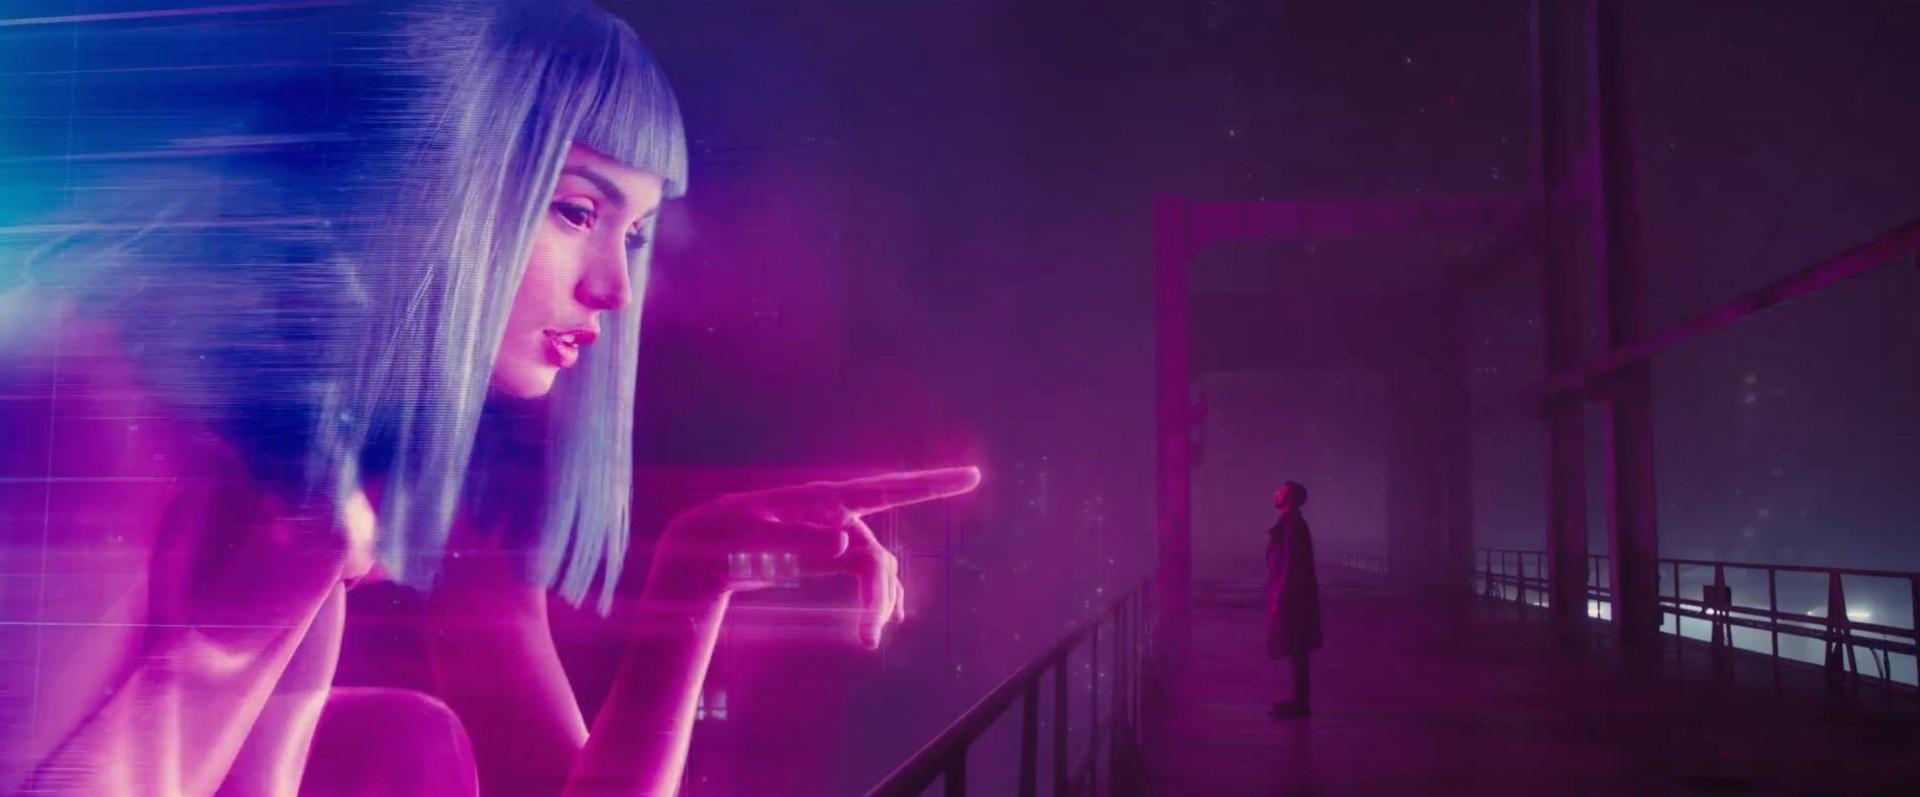 Blade Runner 2049 - CineFatti